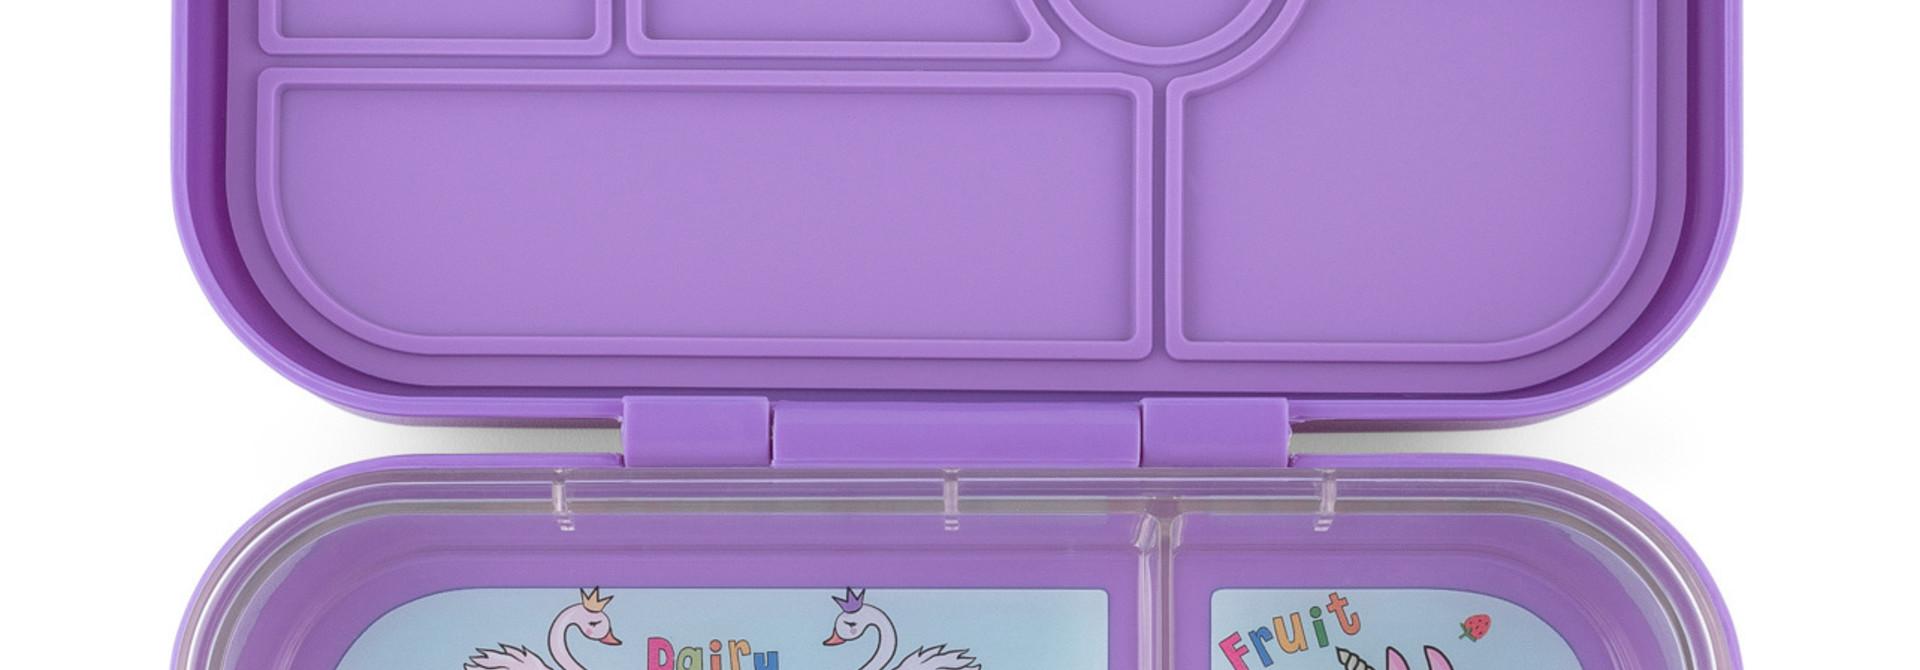 Yumbox Original 6-sections Dreamy purple / Unicorn tray